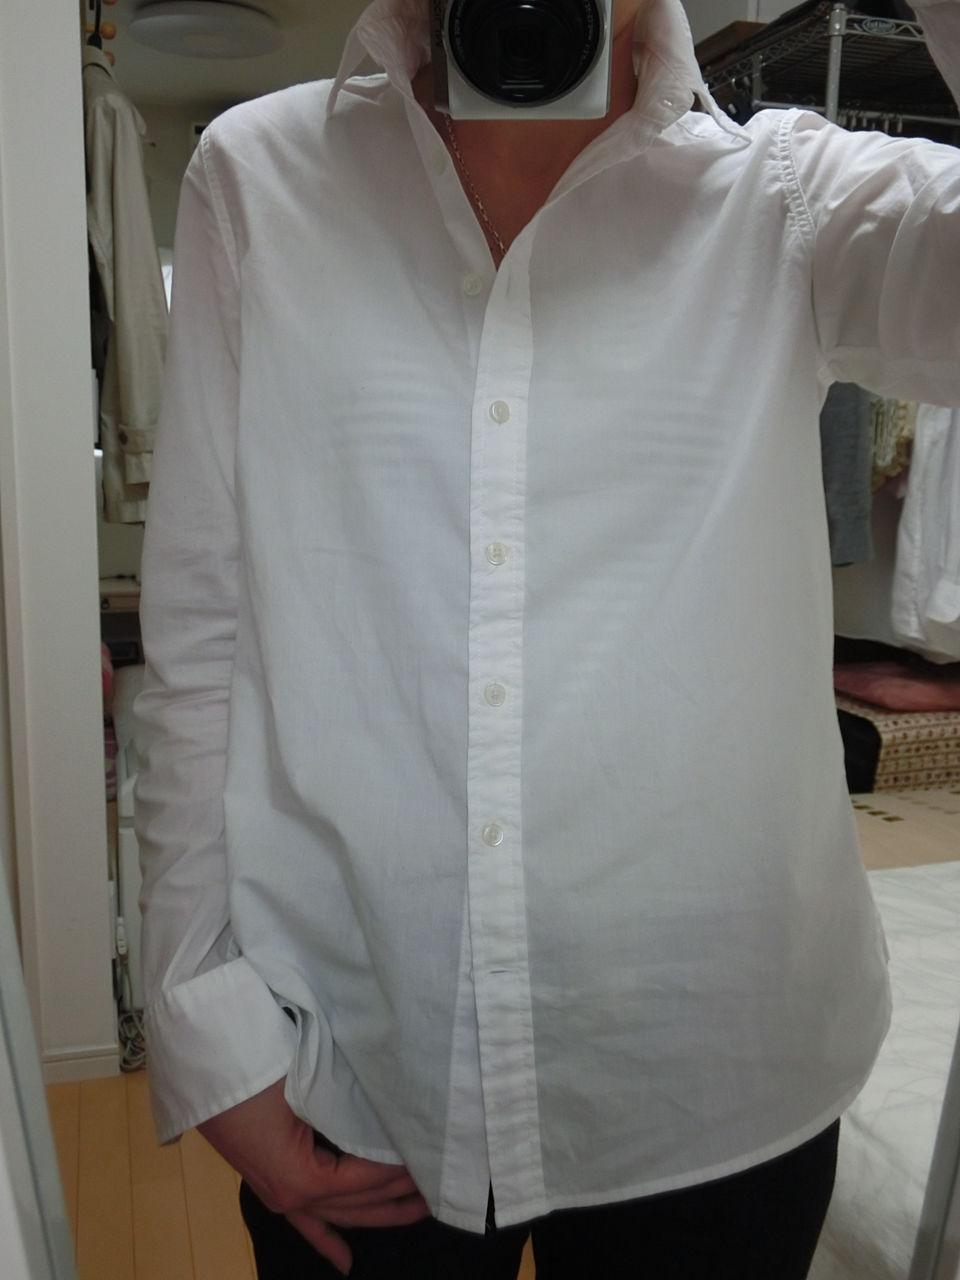 無印:オーガニックコットンブロード洗いざらしシャツ